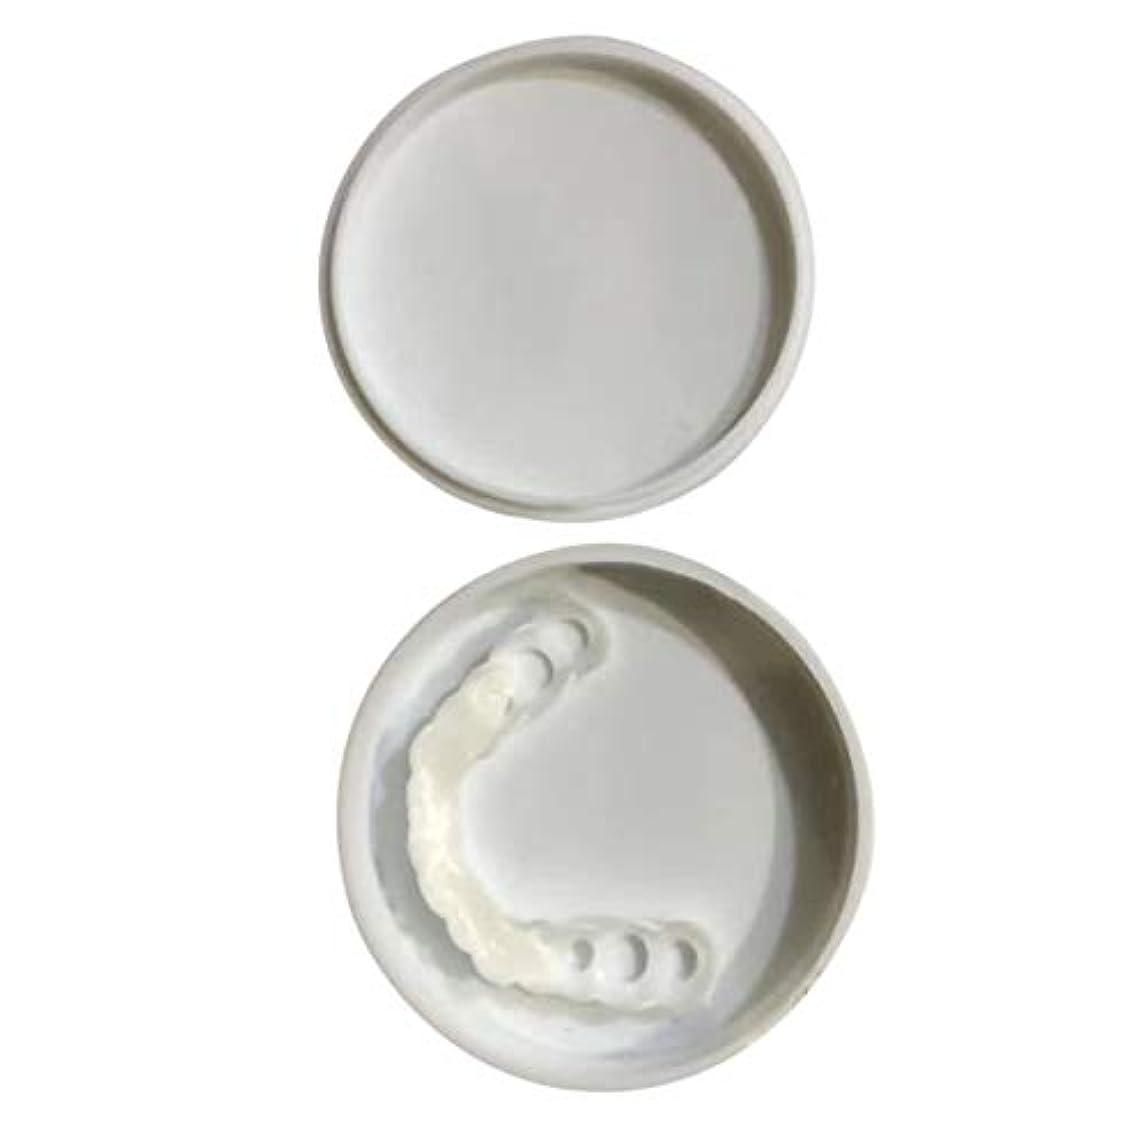 法令スモッグ操縦する快適なスナップオン男性女性歯インスタントパーフェクトスマイルコンフォートフィットフレックス歯フィットホワイトニング笑顔偽歯カバー - ホワイト